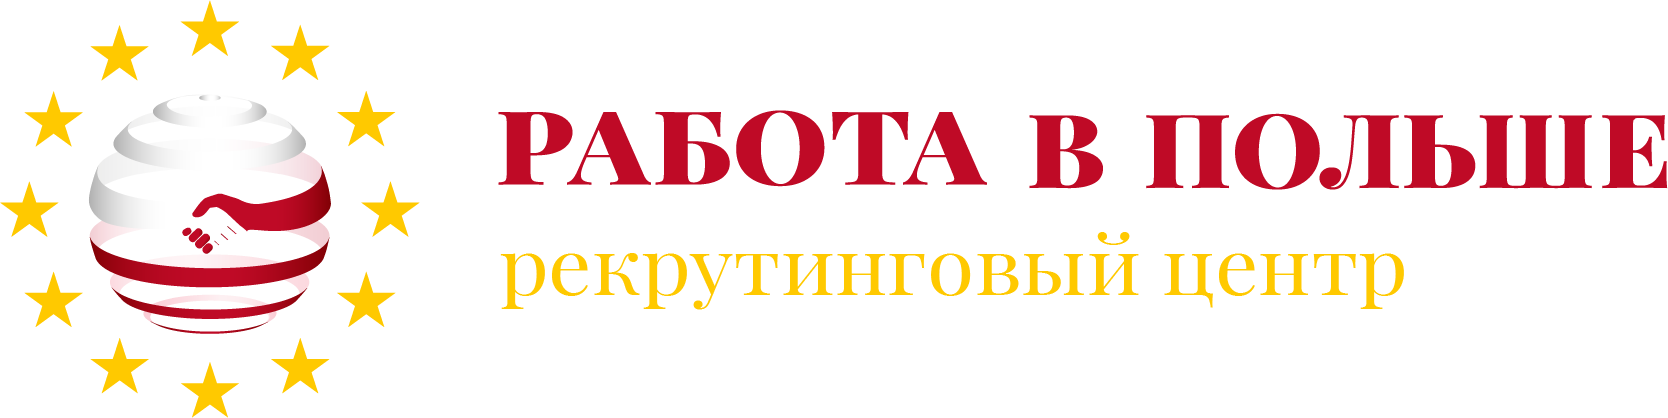 Работа в польше для граждан россии купить квартиру в турции у моря